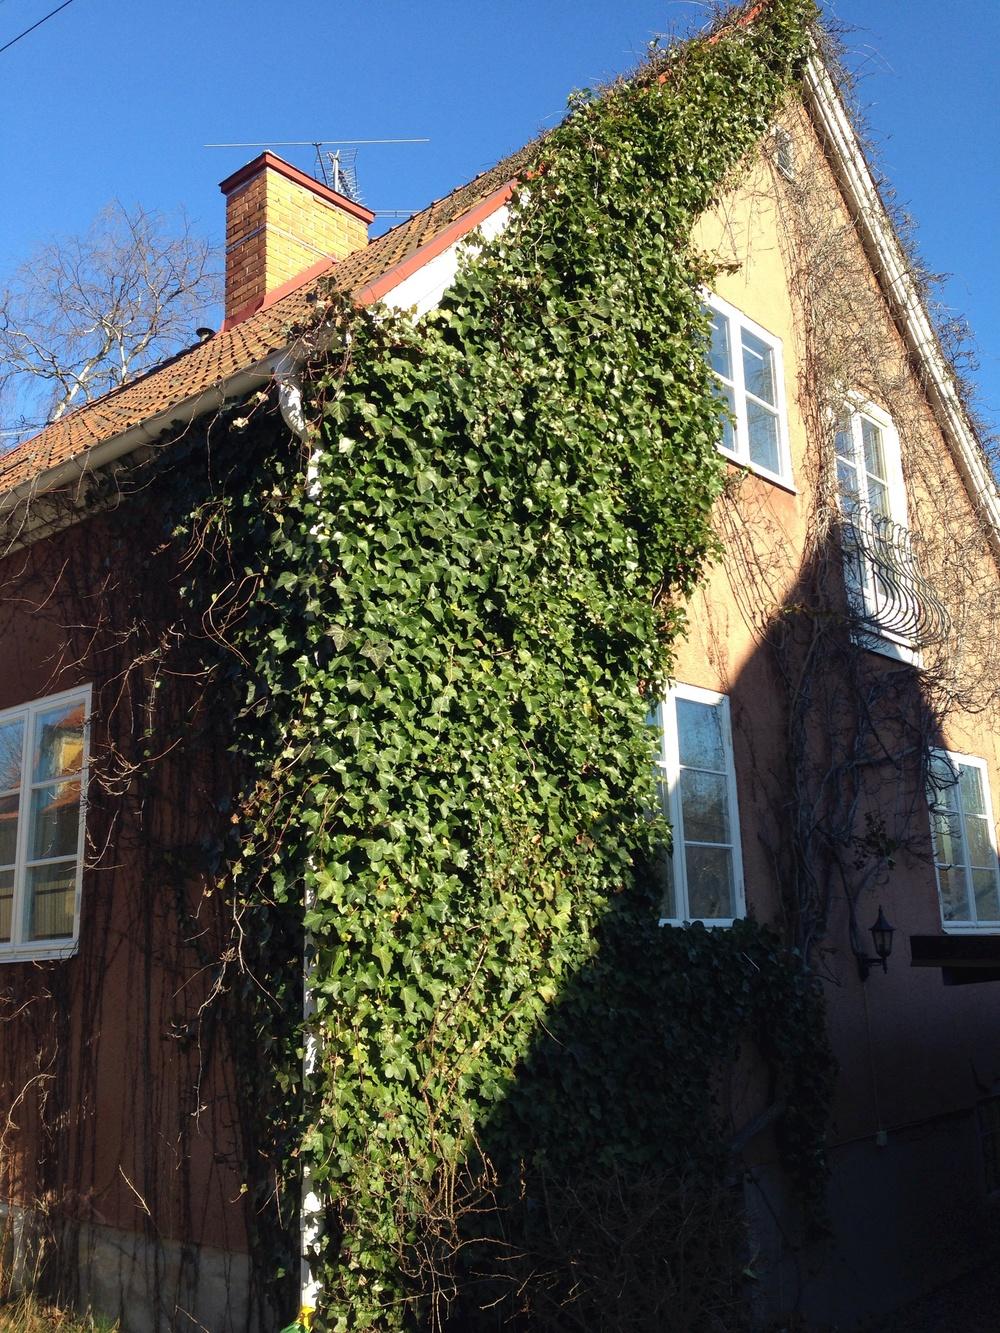 Ett äldre brunrosa putsat hus med murgröna som nästan täcker hela gaveln.